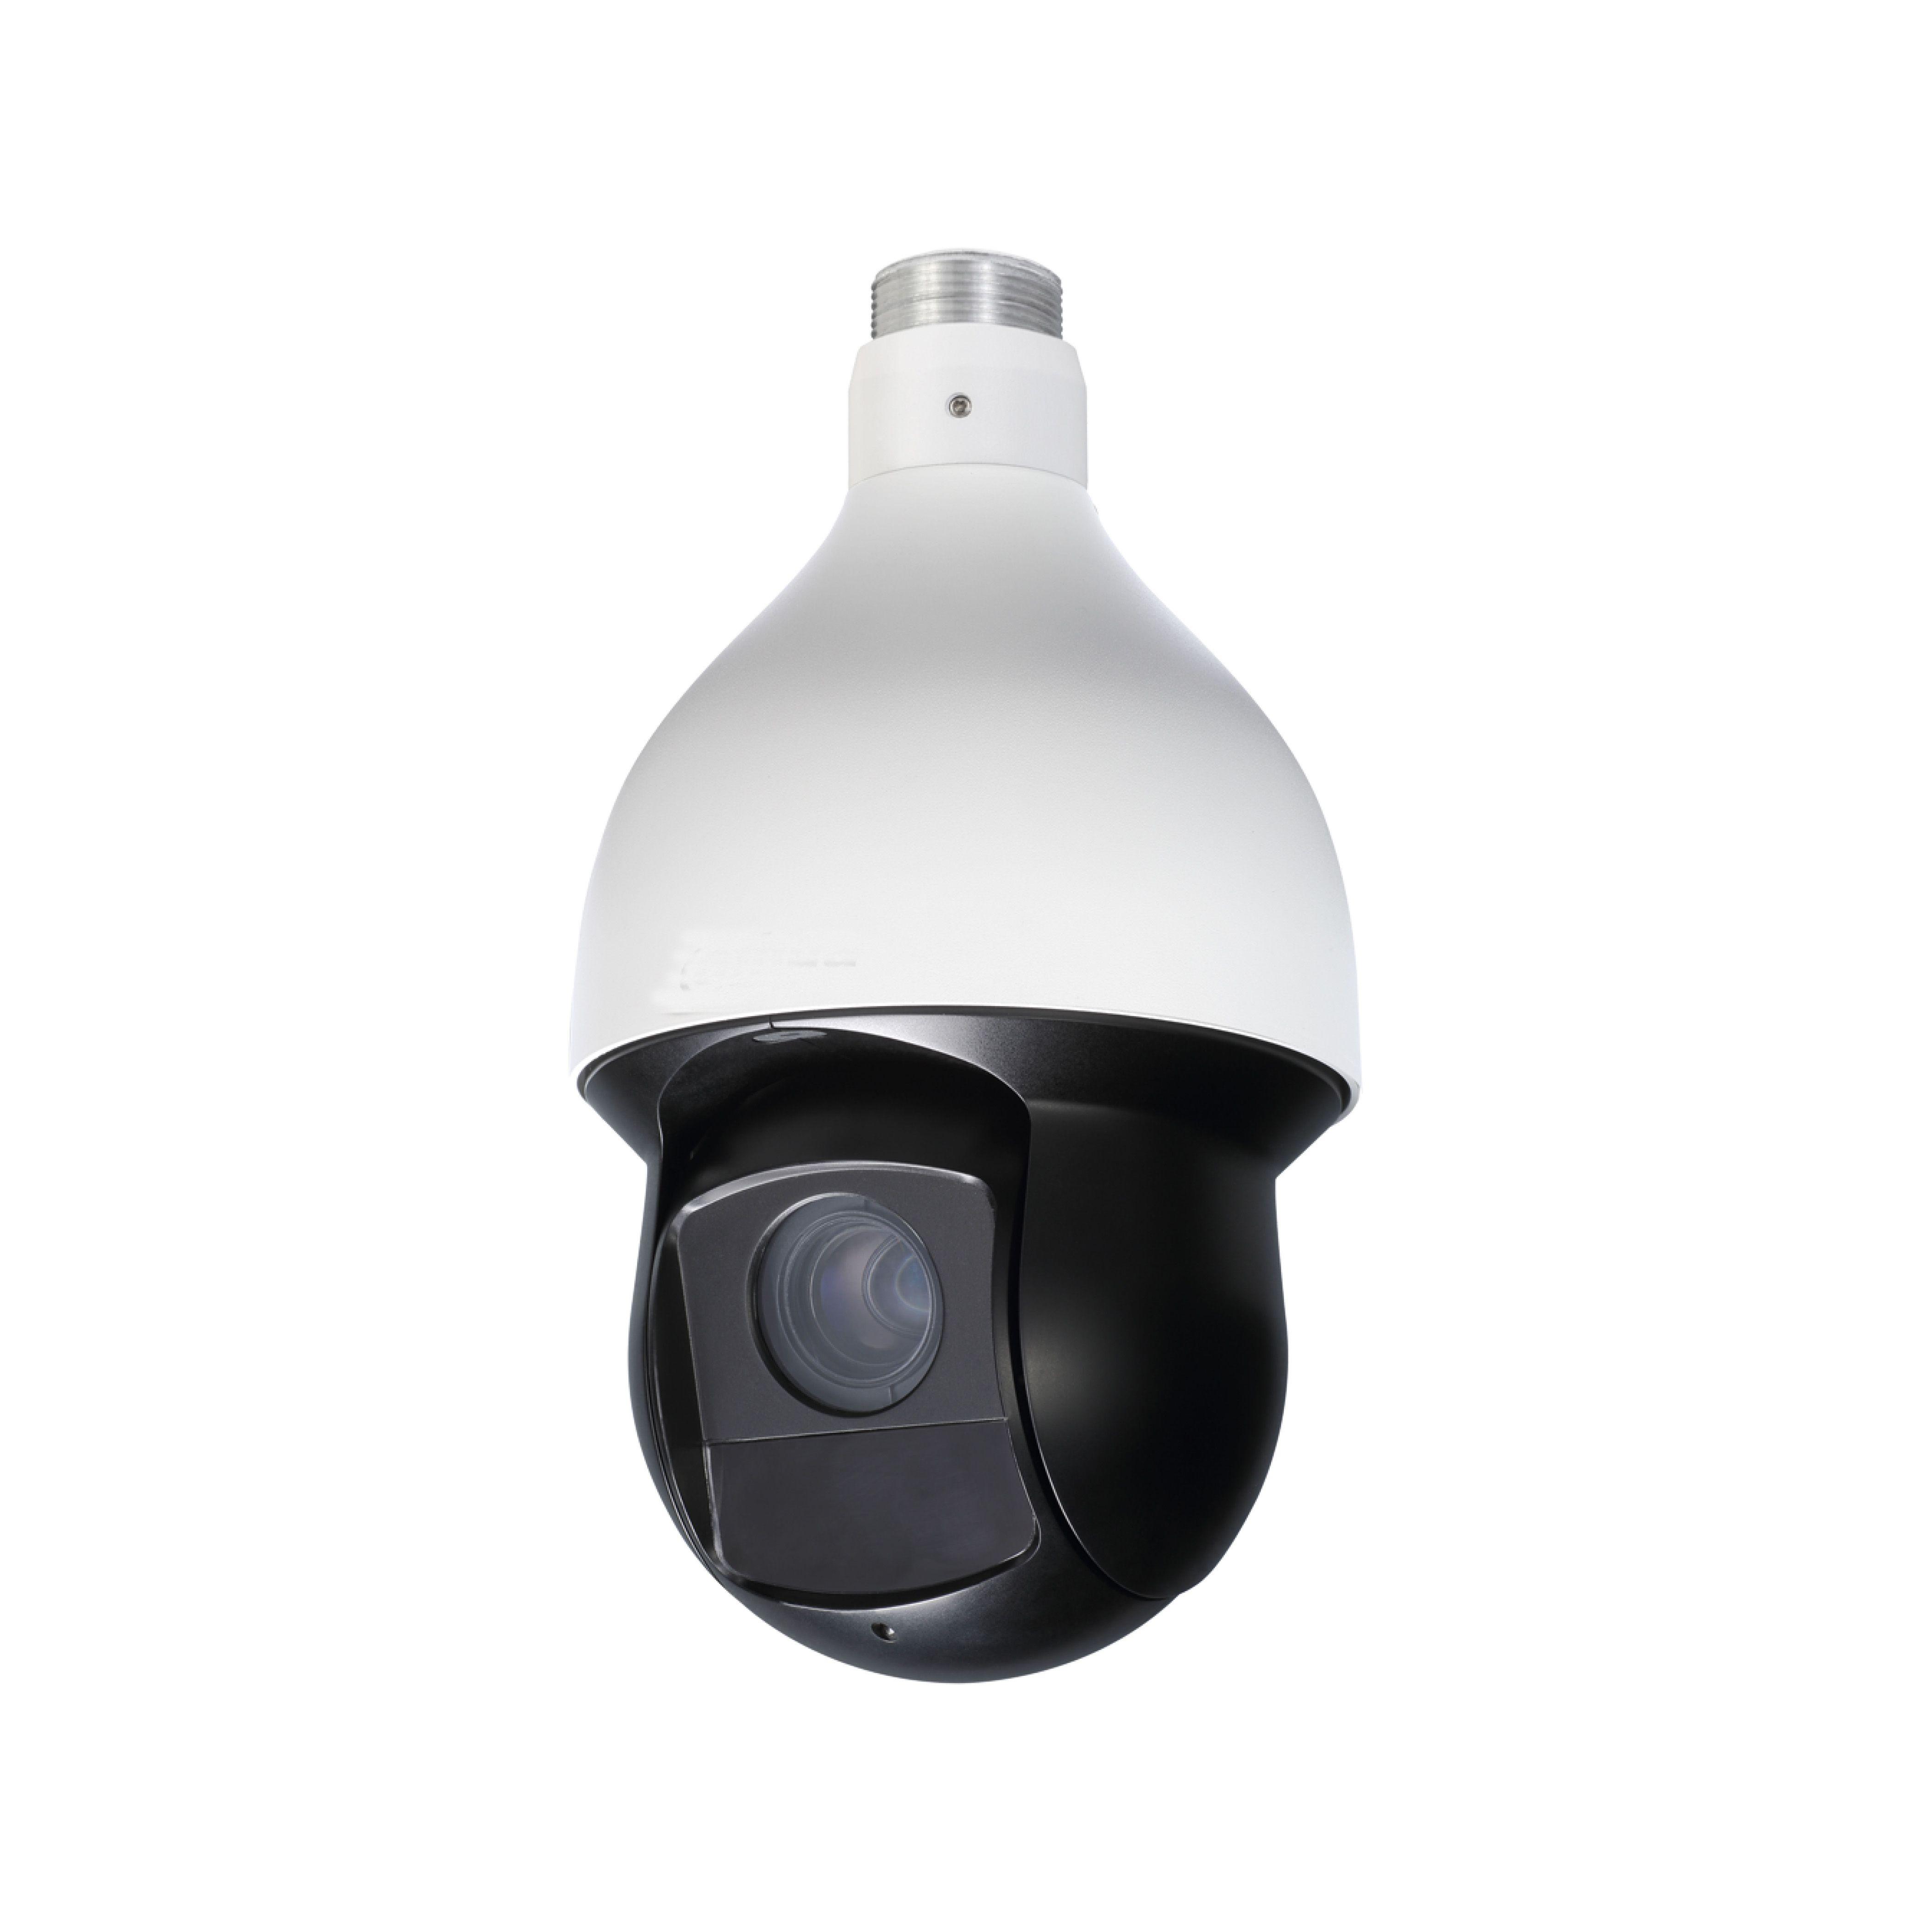 CCTV 2MP 25x Sternenlicht IR PTZ Netzwerk IP Kamera 4,8-120mm 150 m IR Sternenlicht H.265 Encoding Auto -tracking IVS PoE + SD59225U-HNI